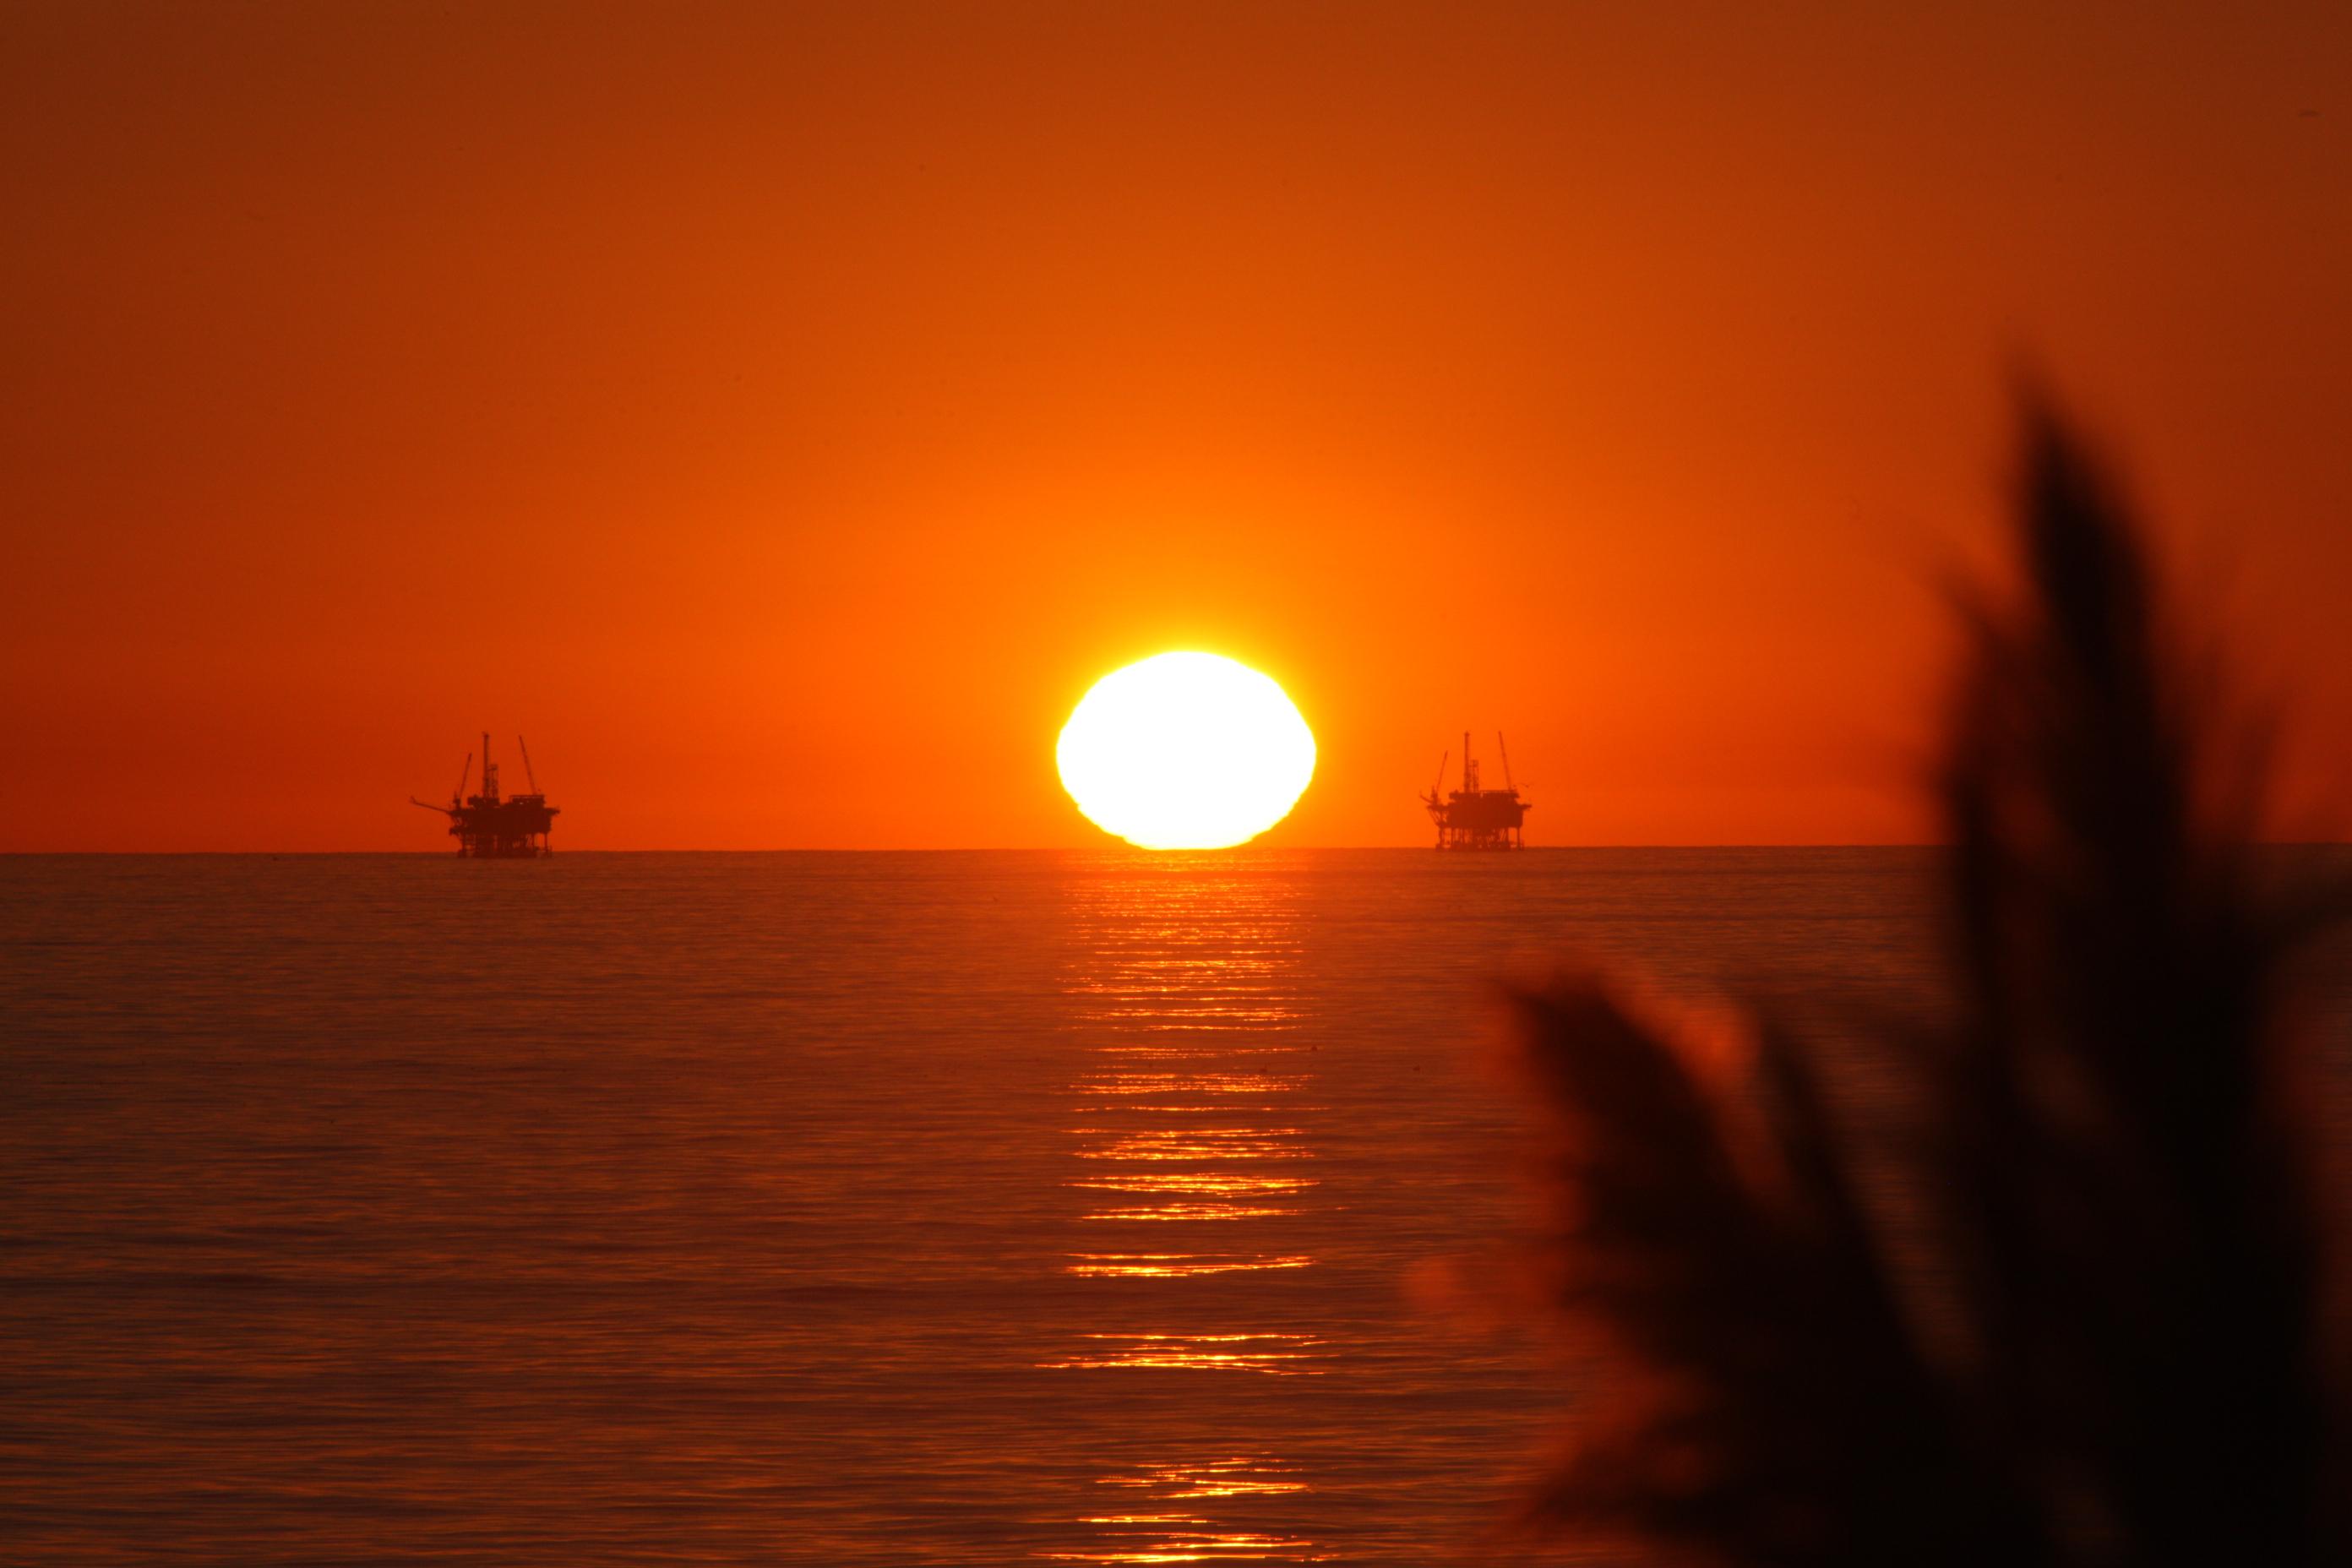 Carp+Bluffs+Sunset+Oil+Platforms